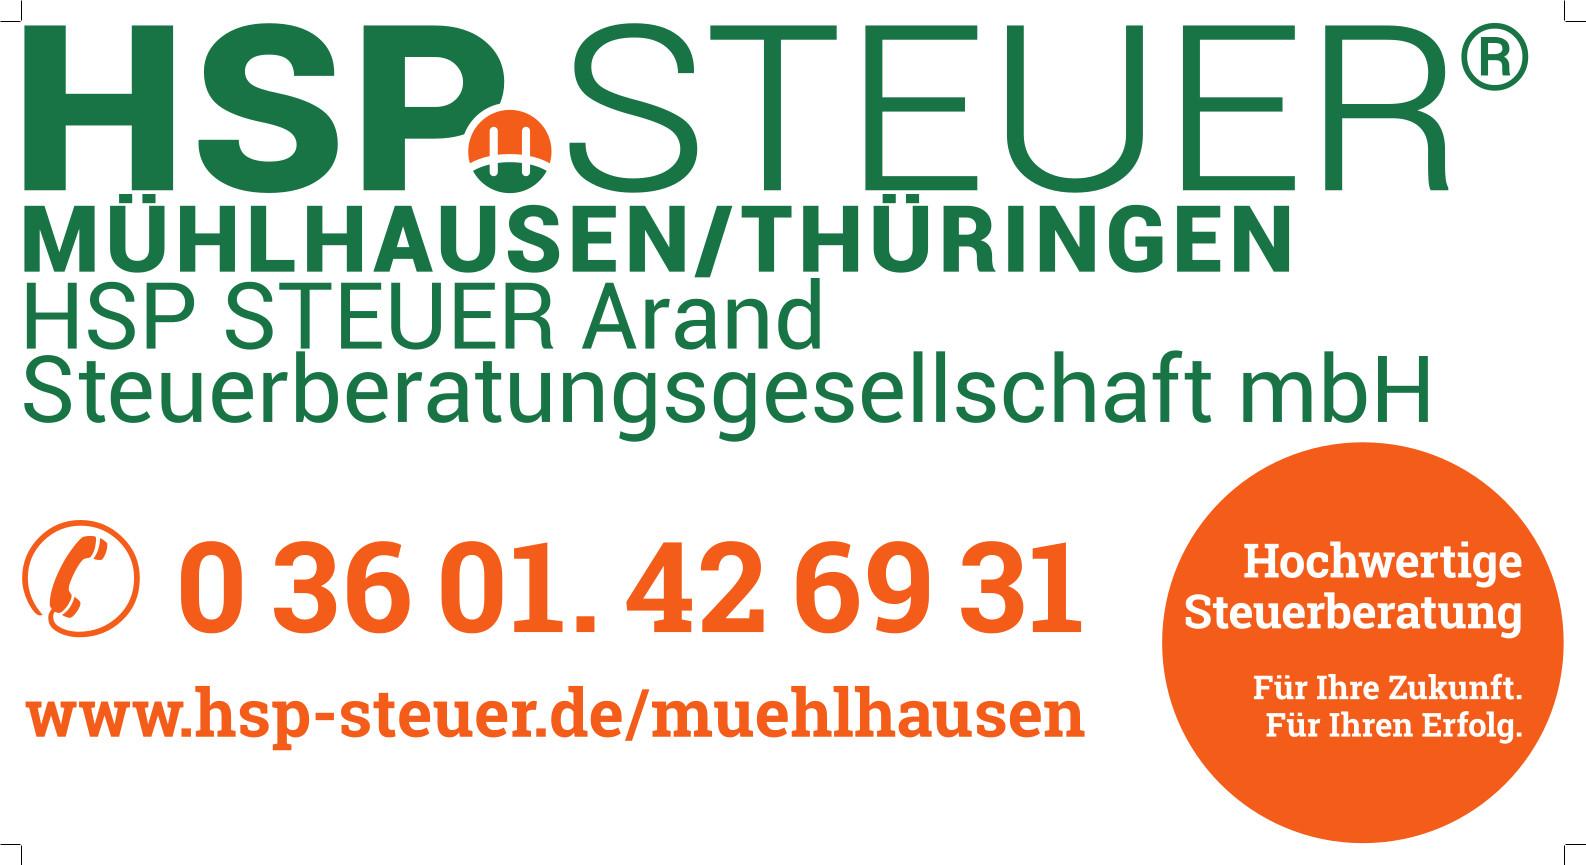 HSP Steuer Arand Steuerberatungsgesellschaft mbH